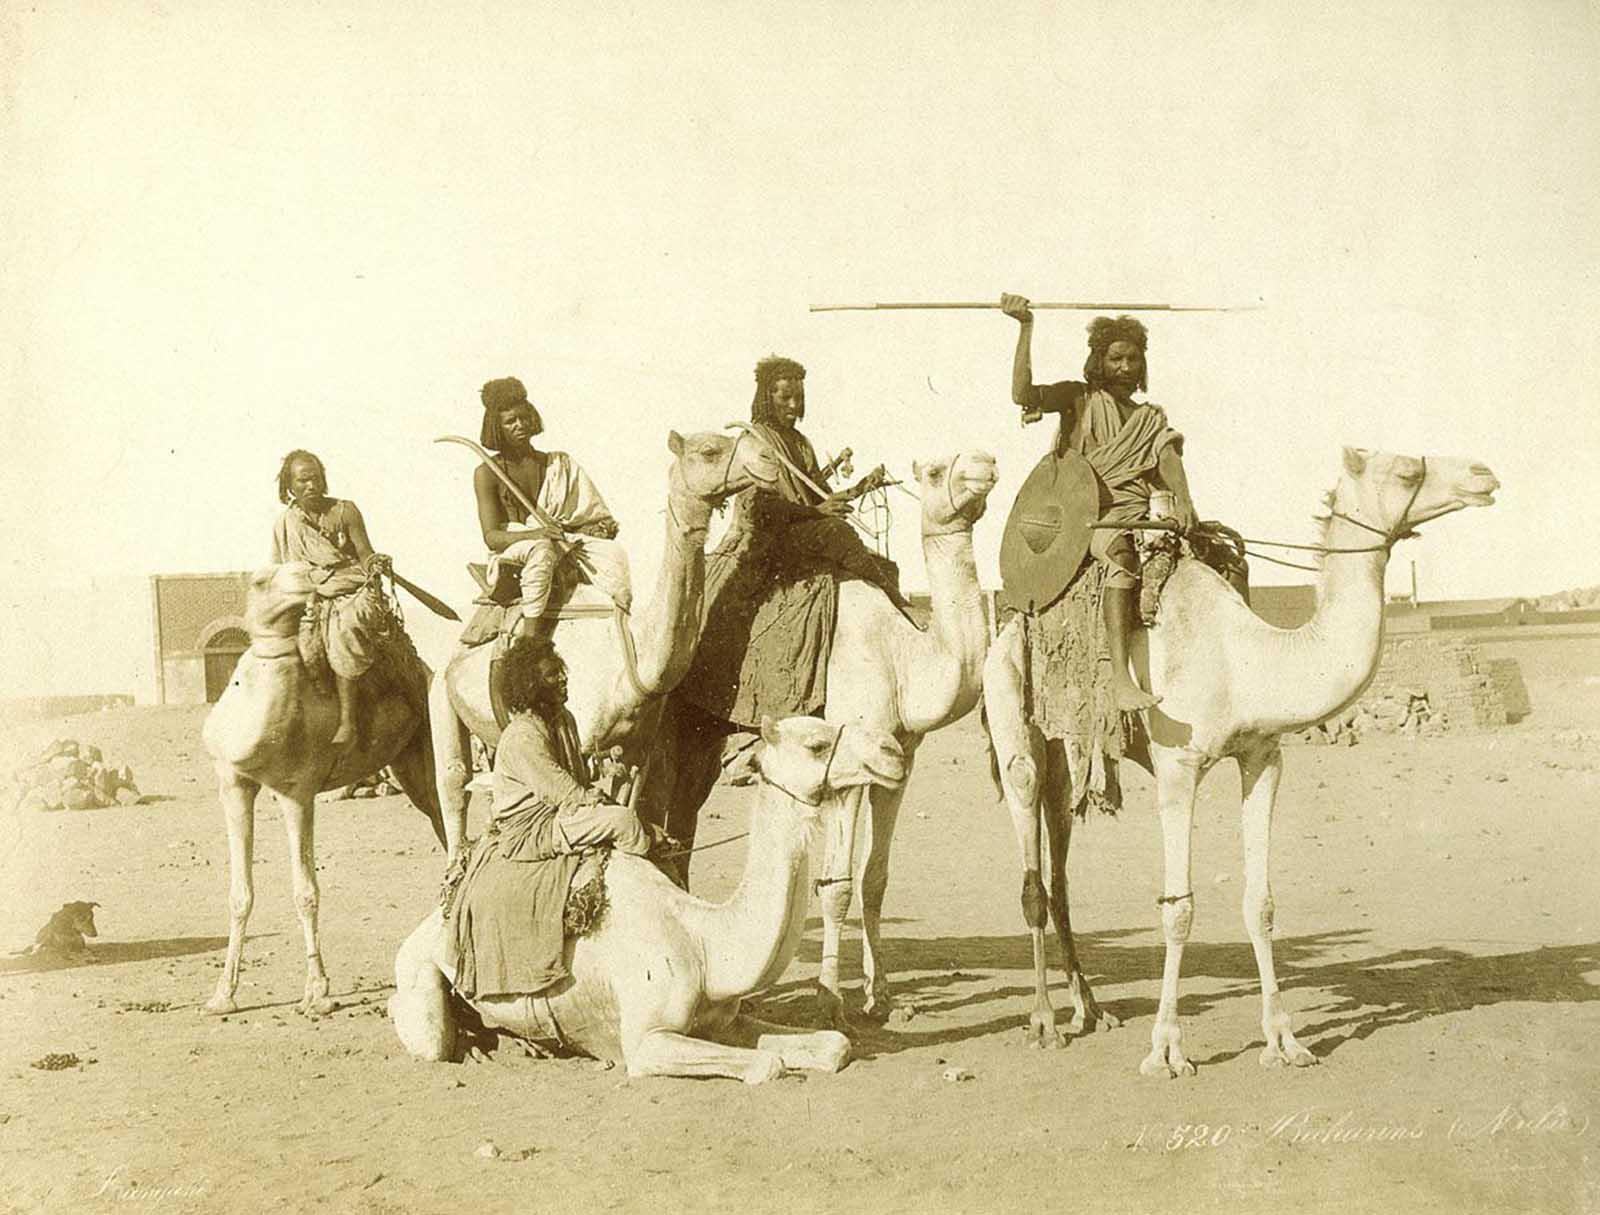 Hombres bicharin en camellos.